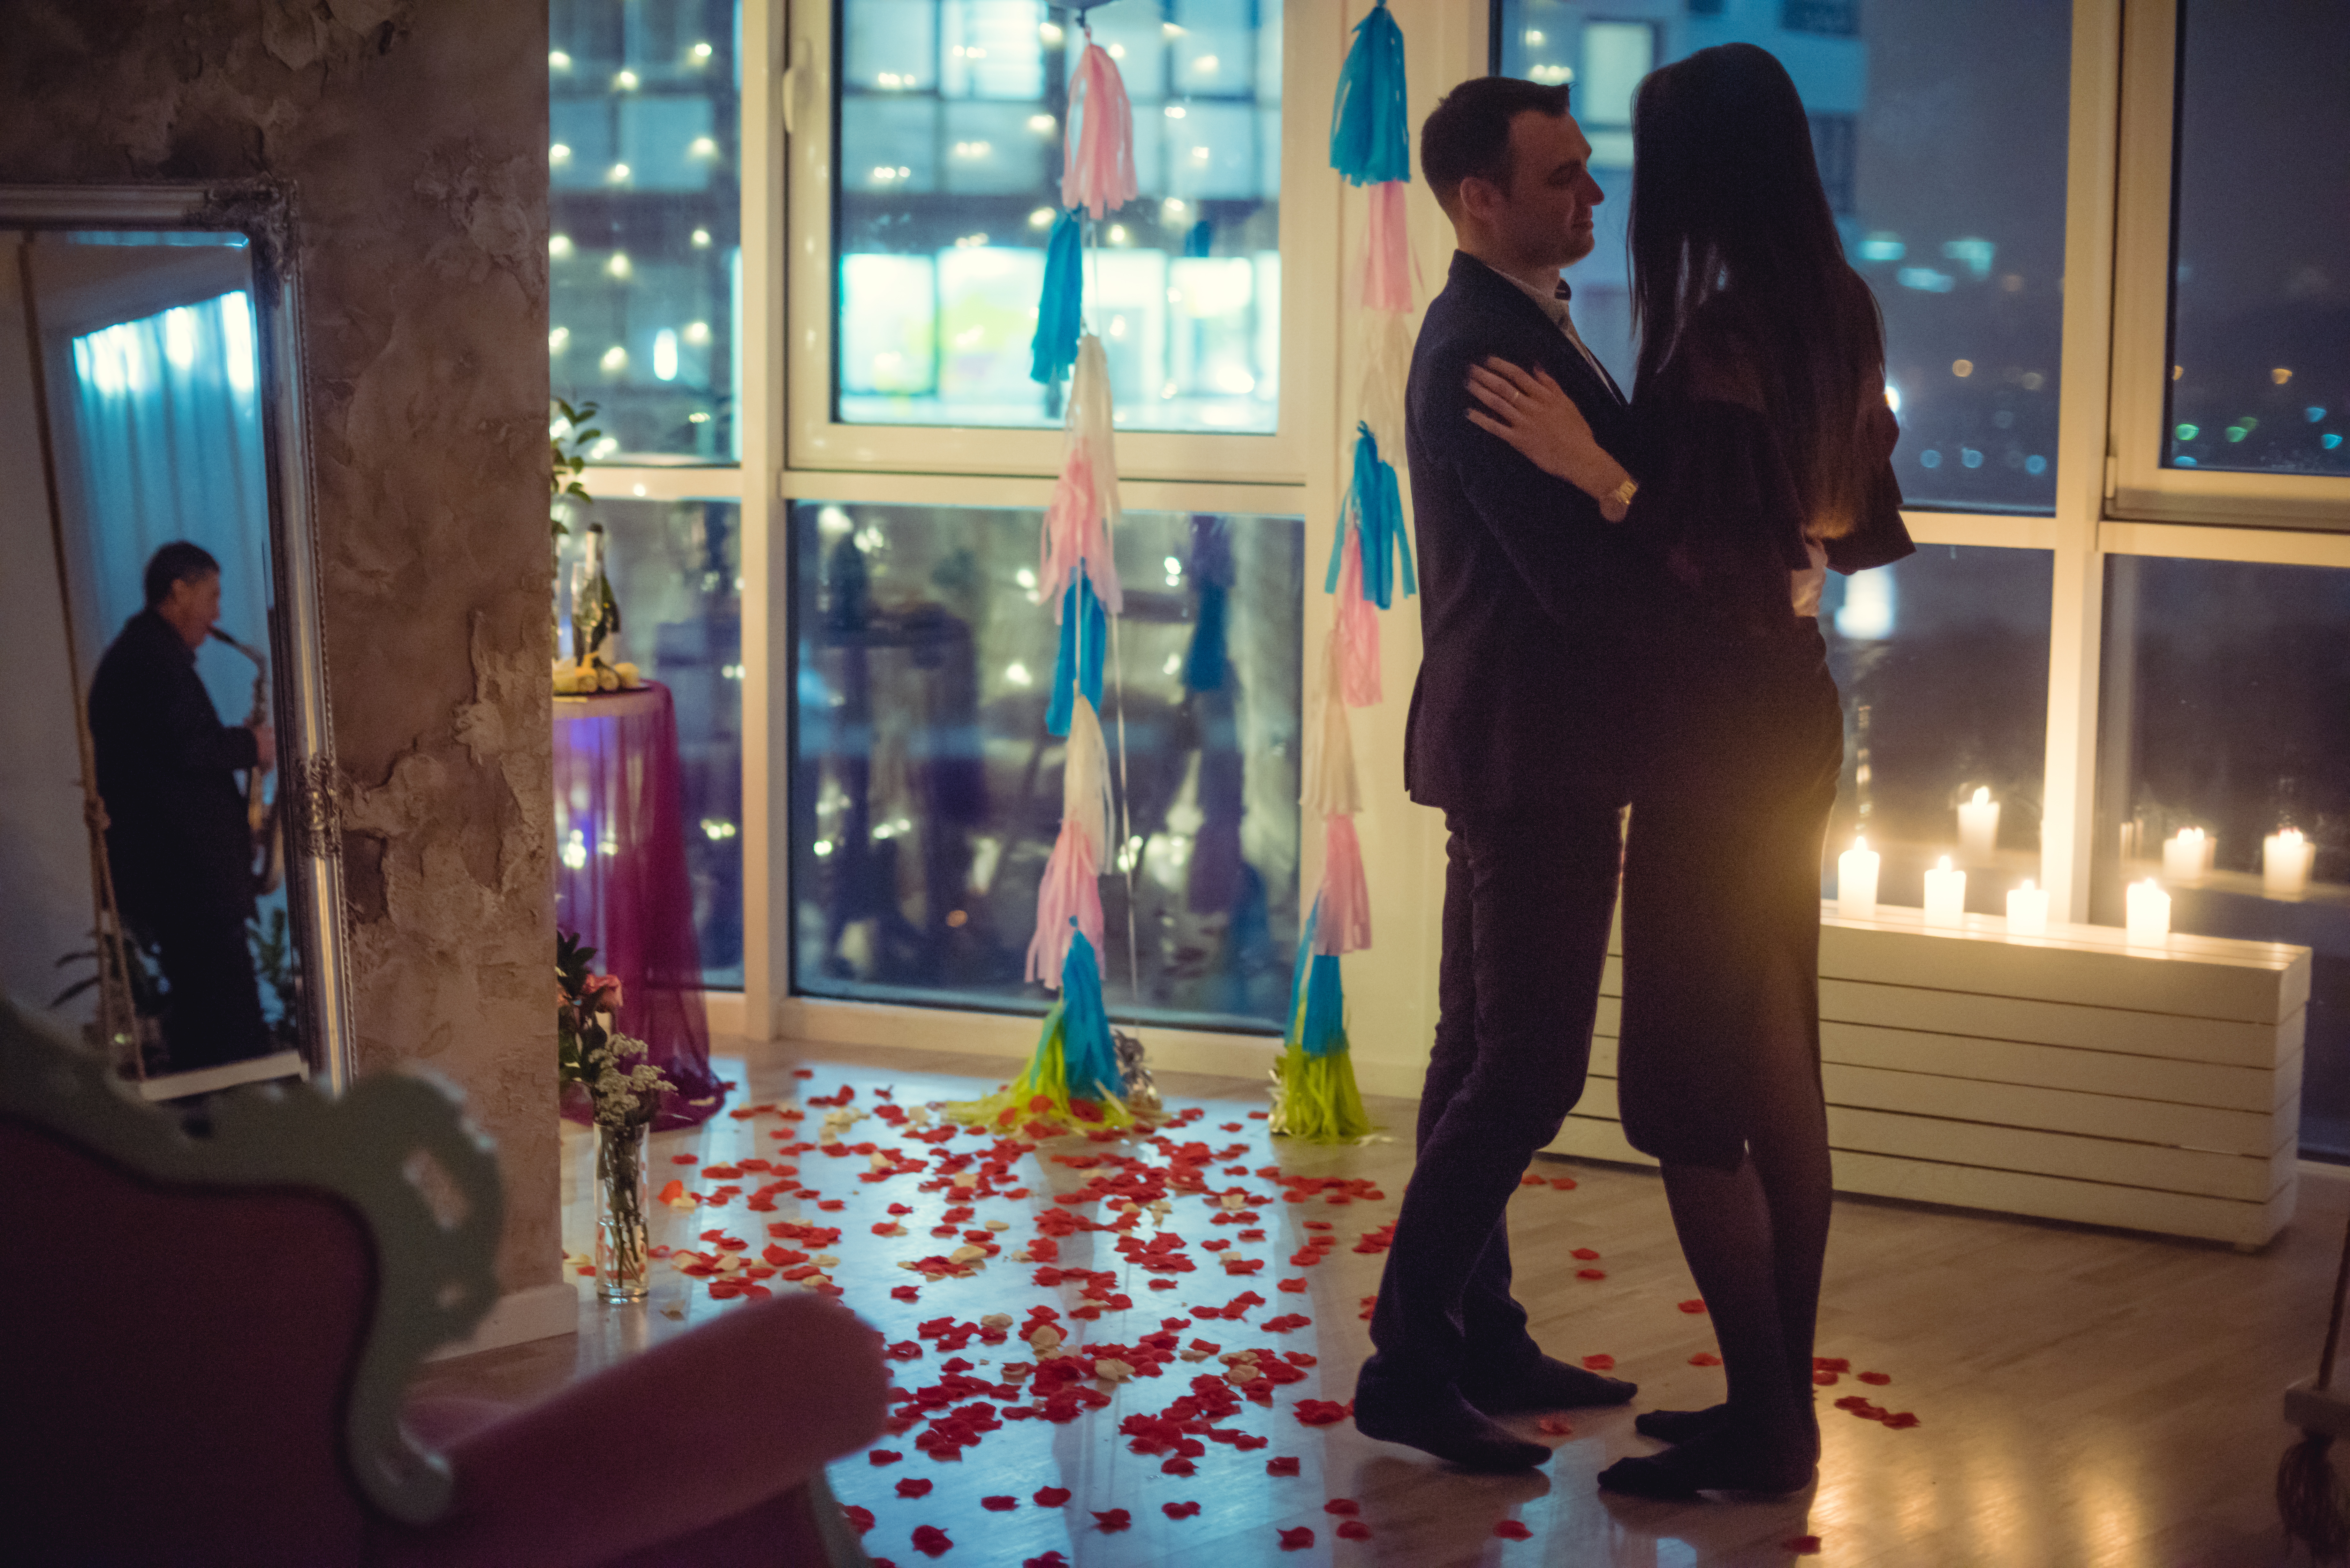 Ресторан для двоих, Киев, сервис романтики Альтечо (12)